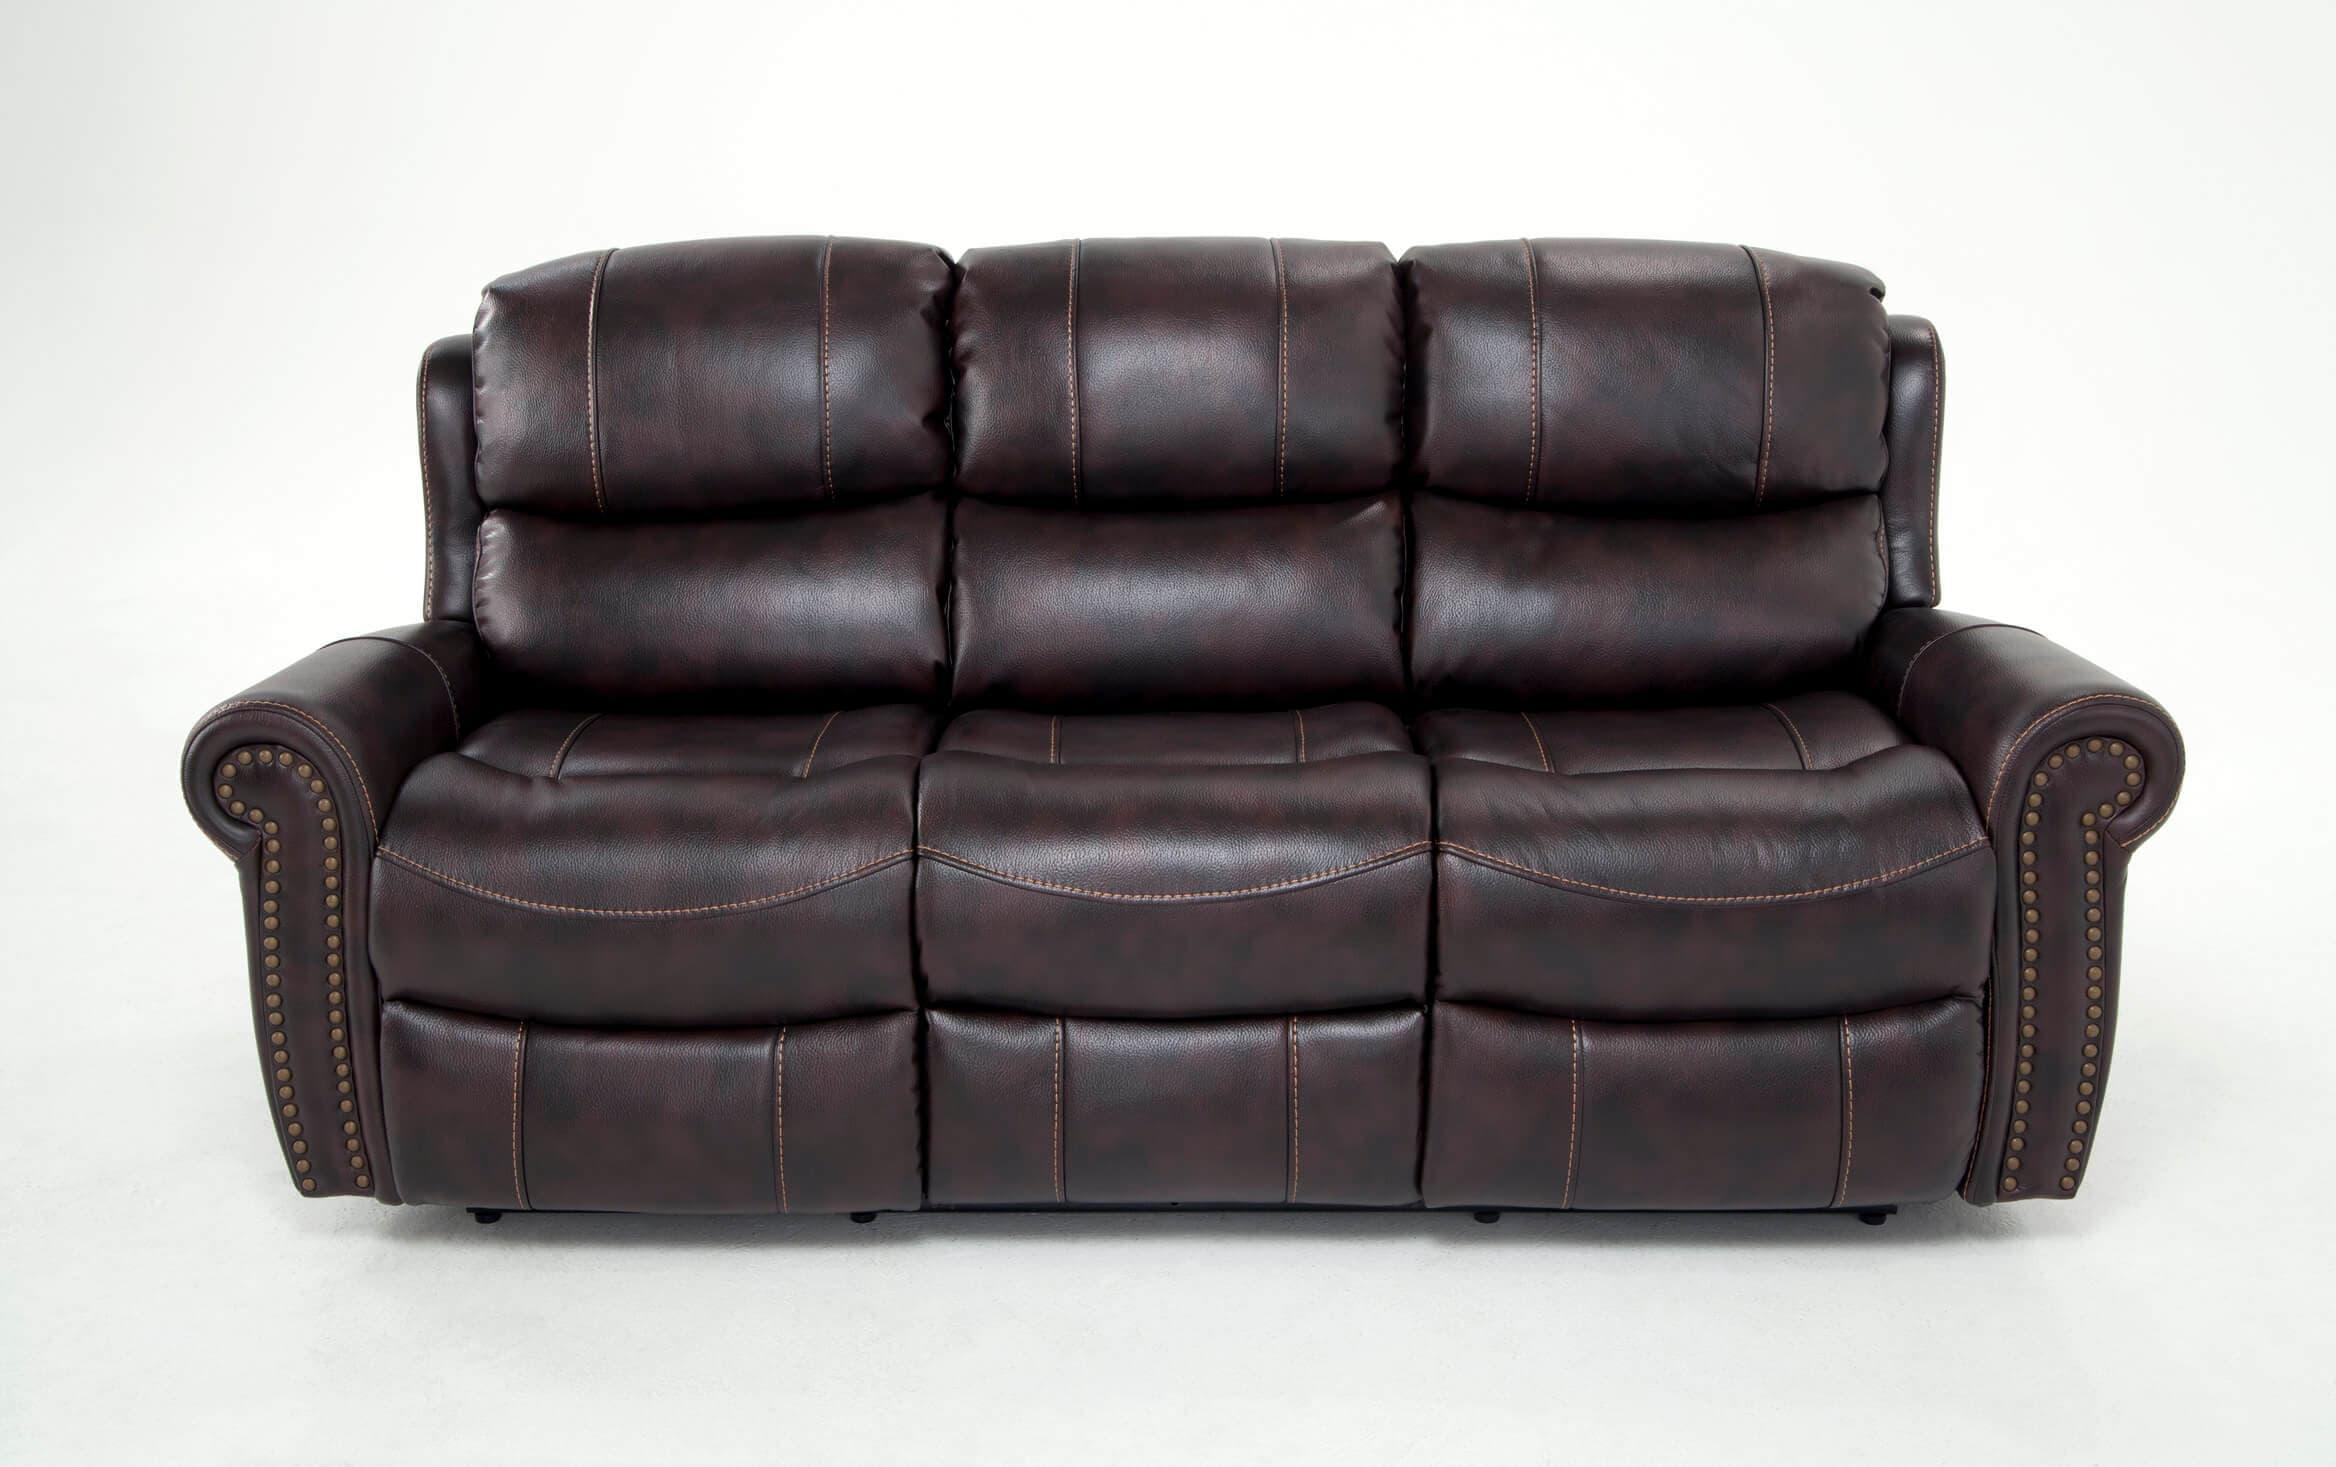 Bobs Furniture Leather Sofa : Trailblazer Gray Leather Regarding Trailblazer Gray Leather Power Reclining Sofas (View 2 of 15)